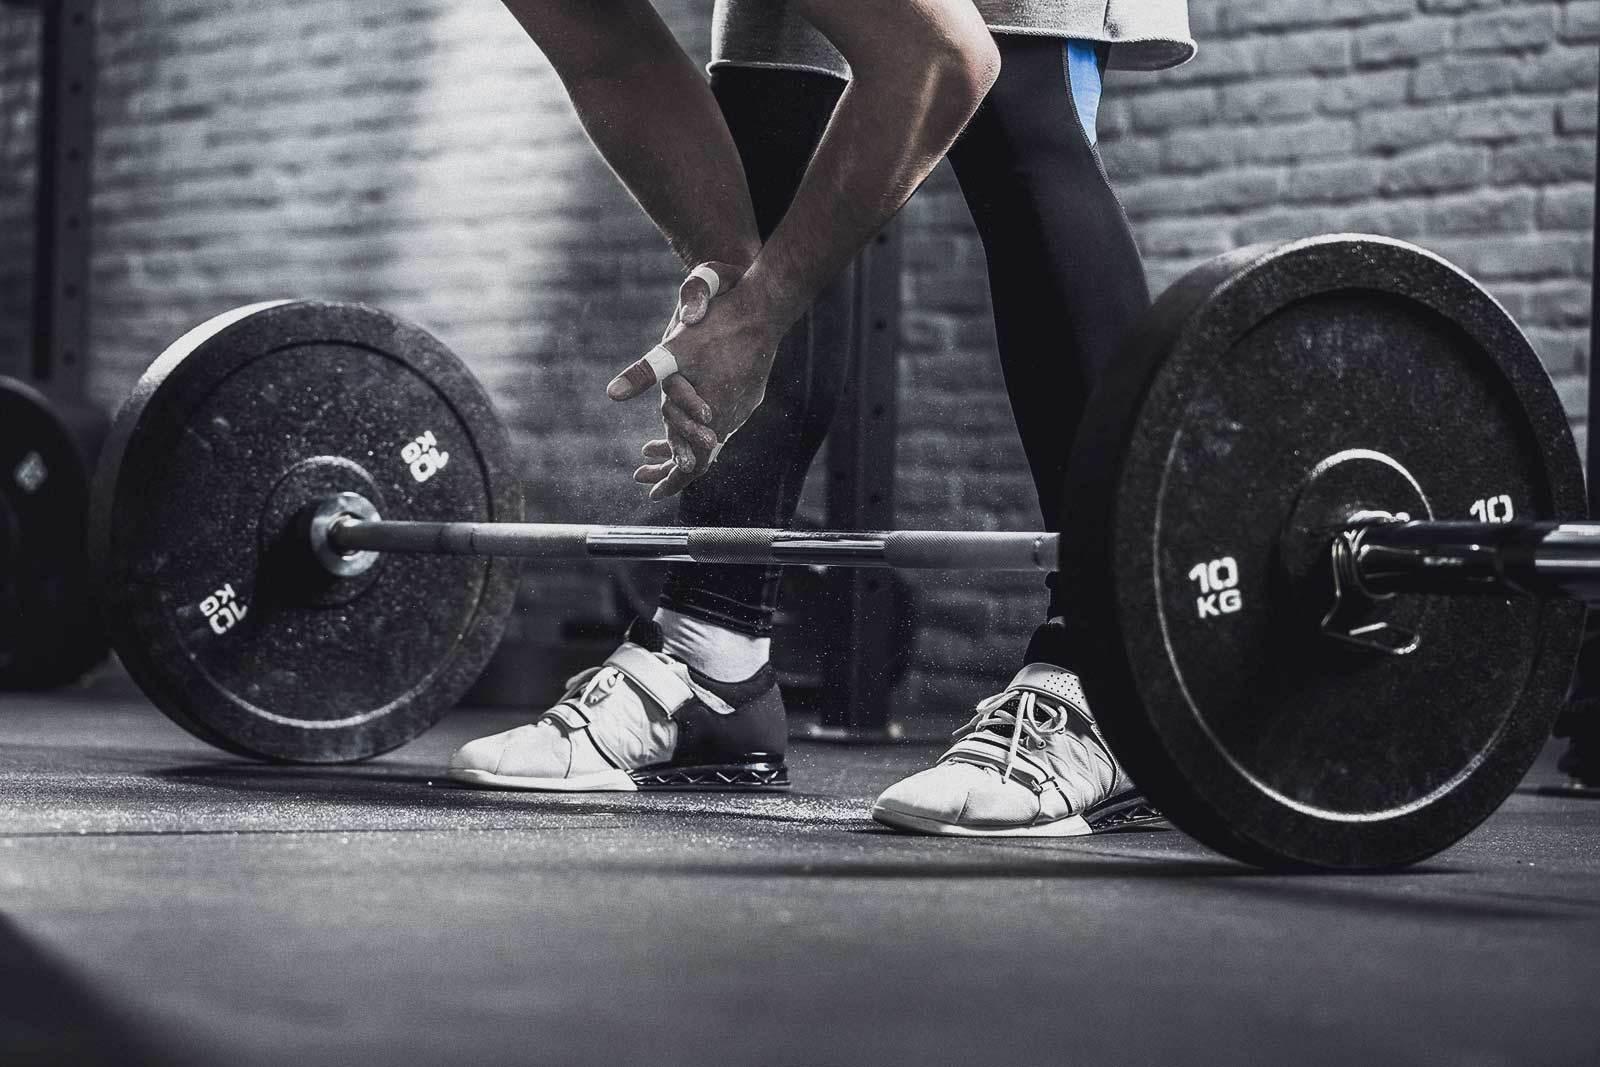 perform-proteine-poids-haltere